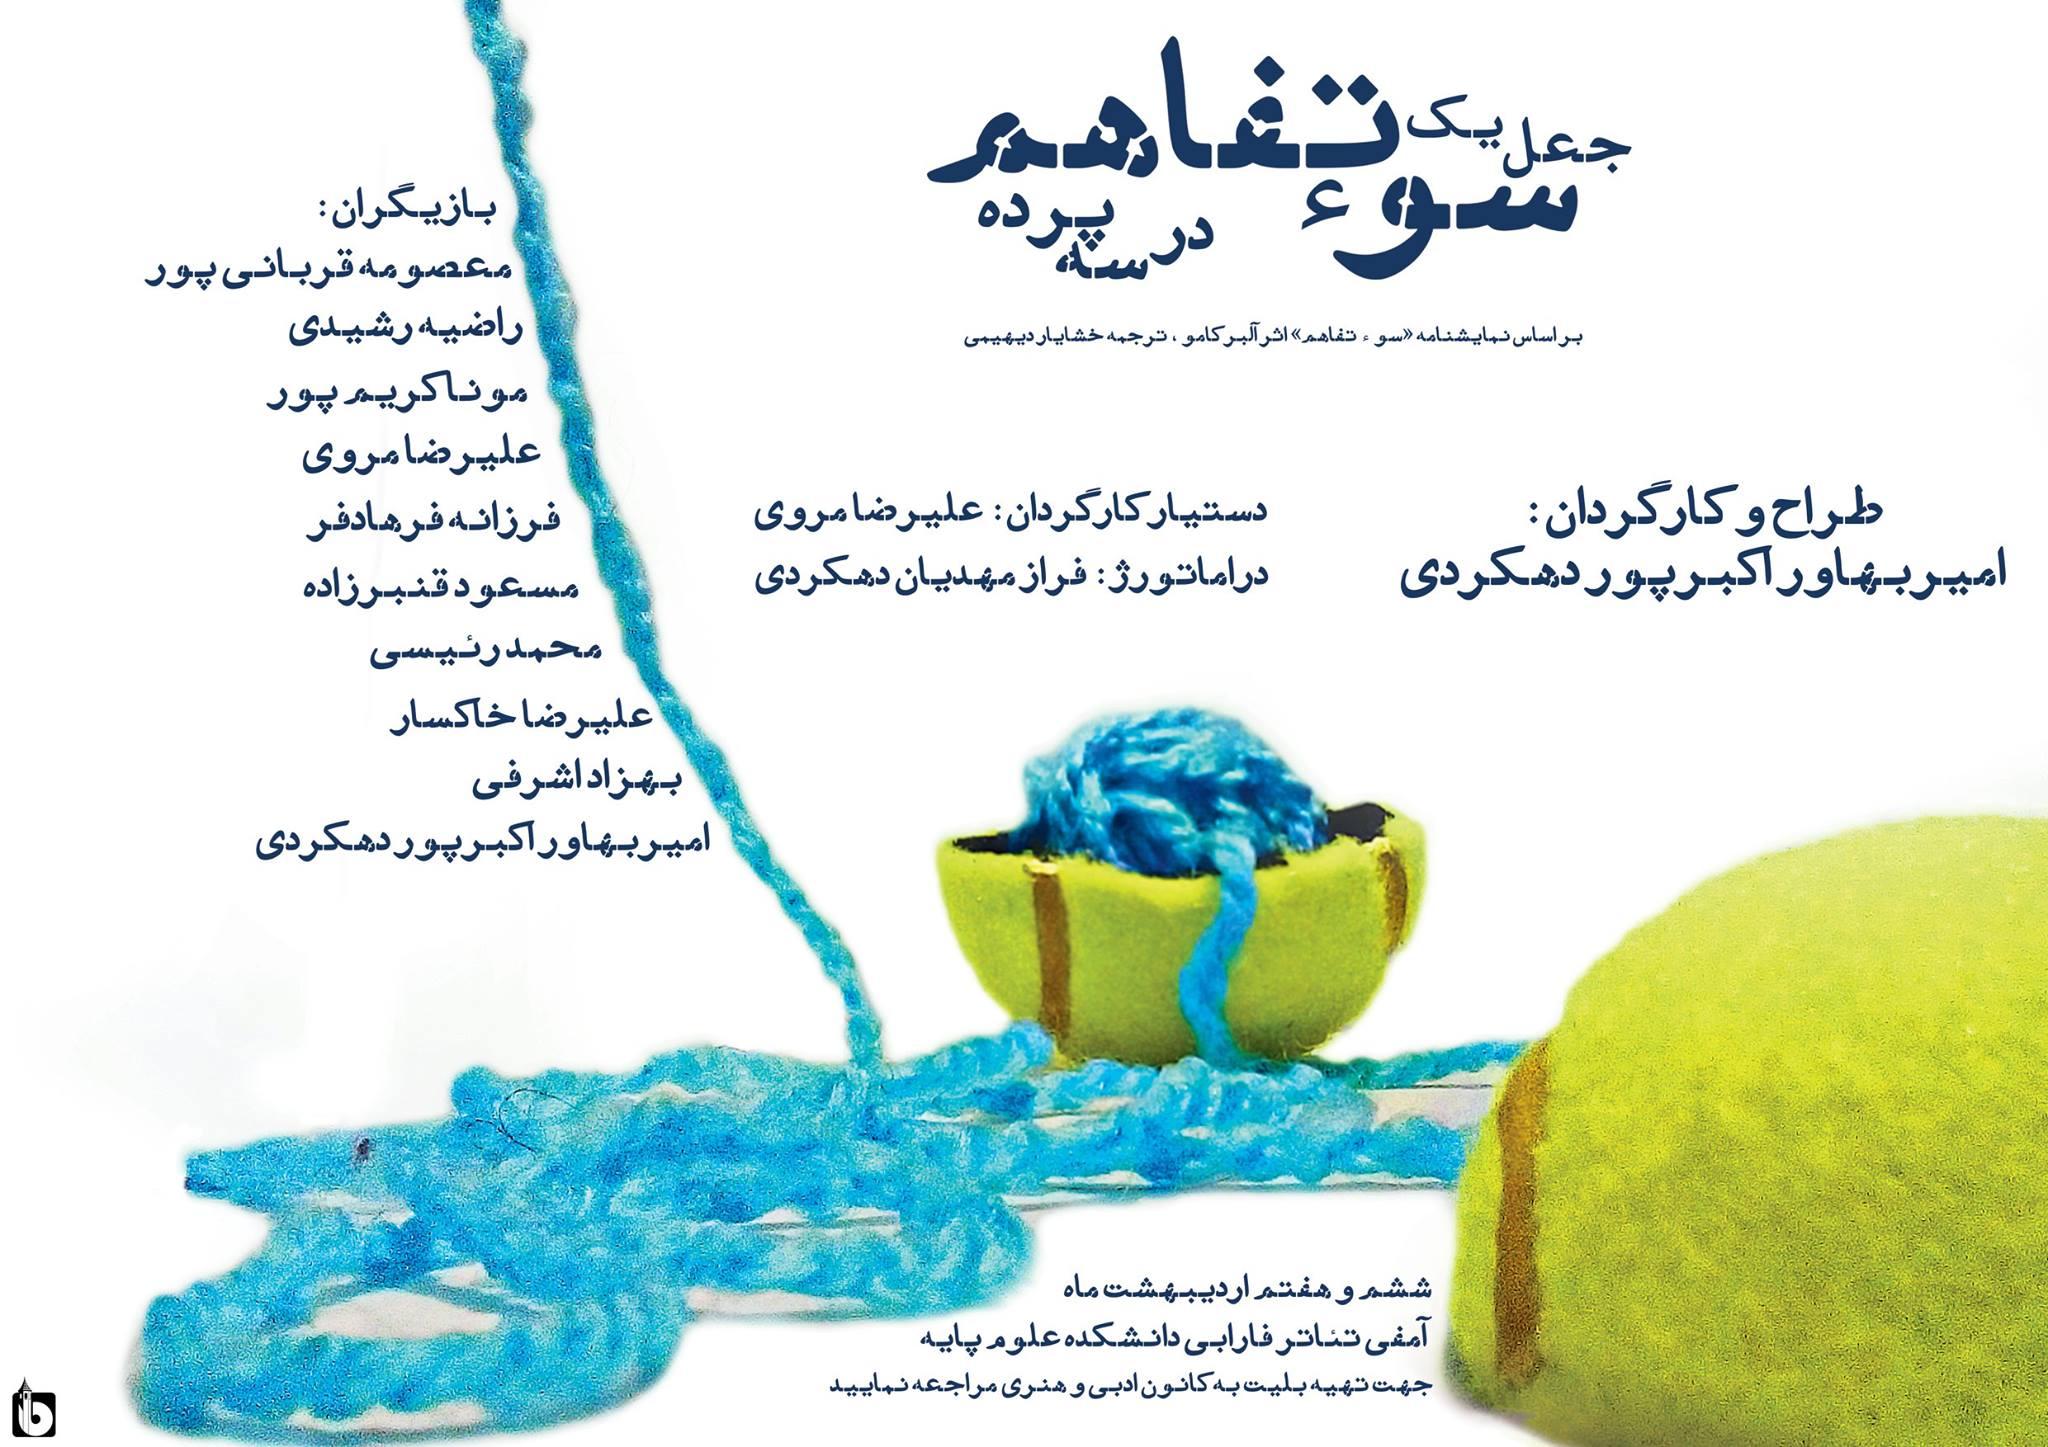 اجرایی متفاوت و خلاقانه از امیر بهاور اکبرپور دهکردی